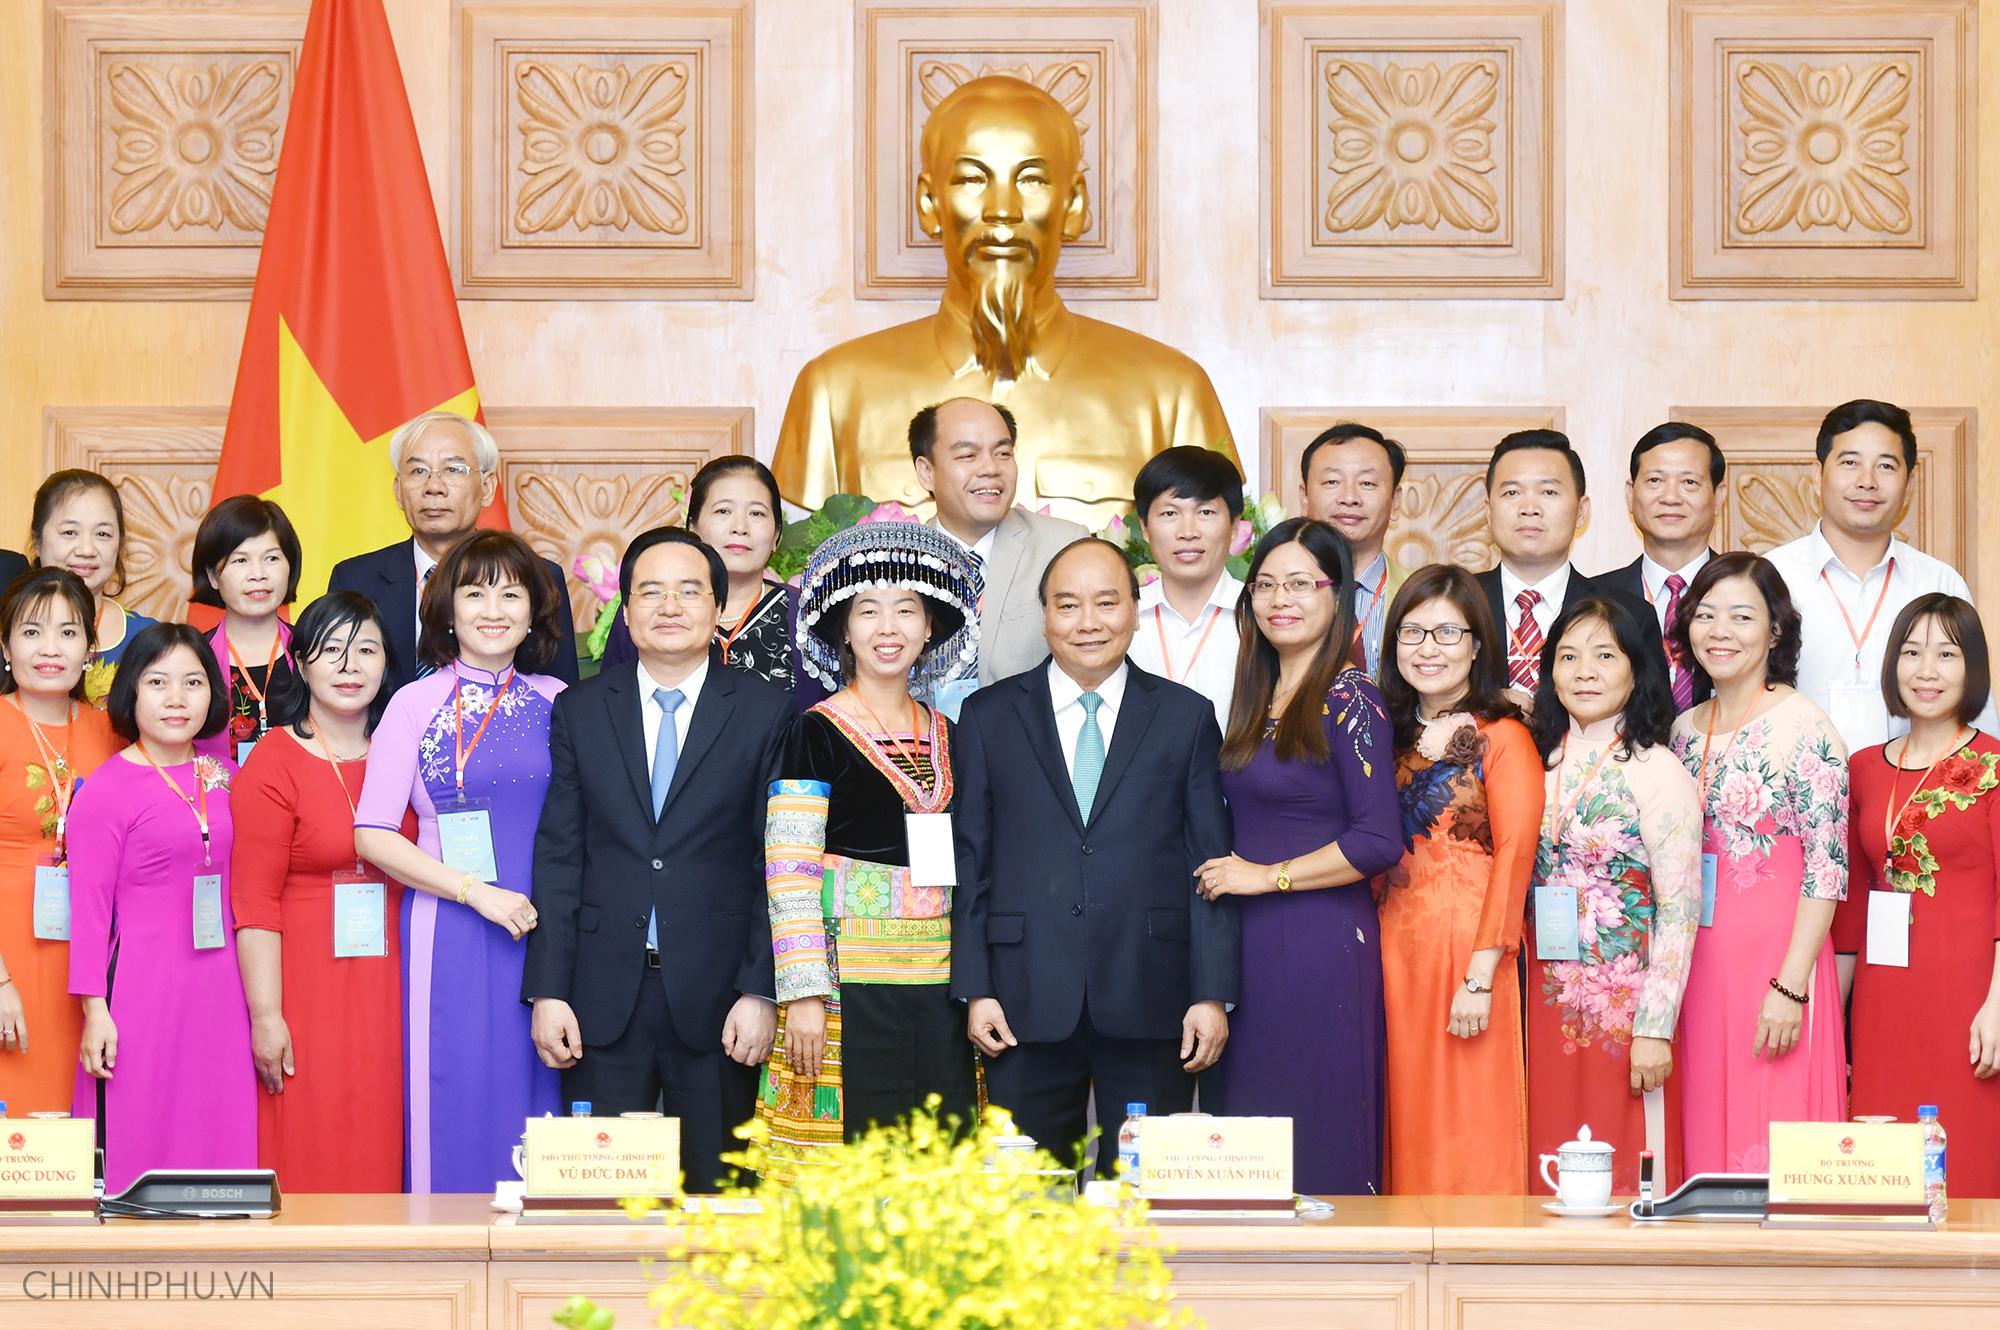 Đảng, Nhà nước sẽ tiếp tục chăm lo phát triển đội ngũ nhà giáo